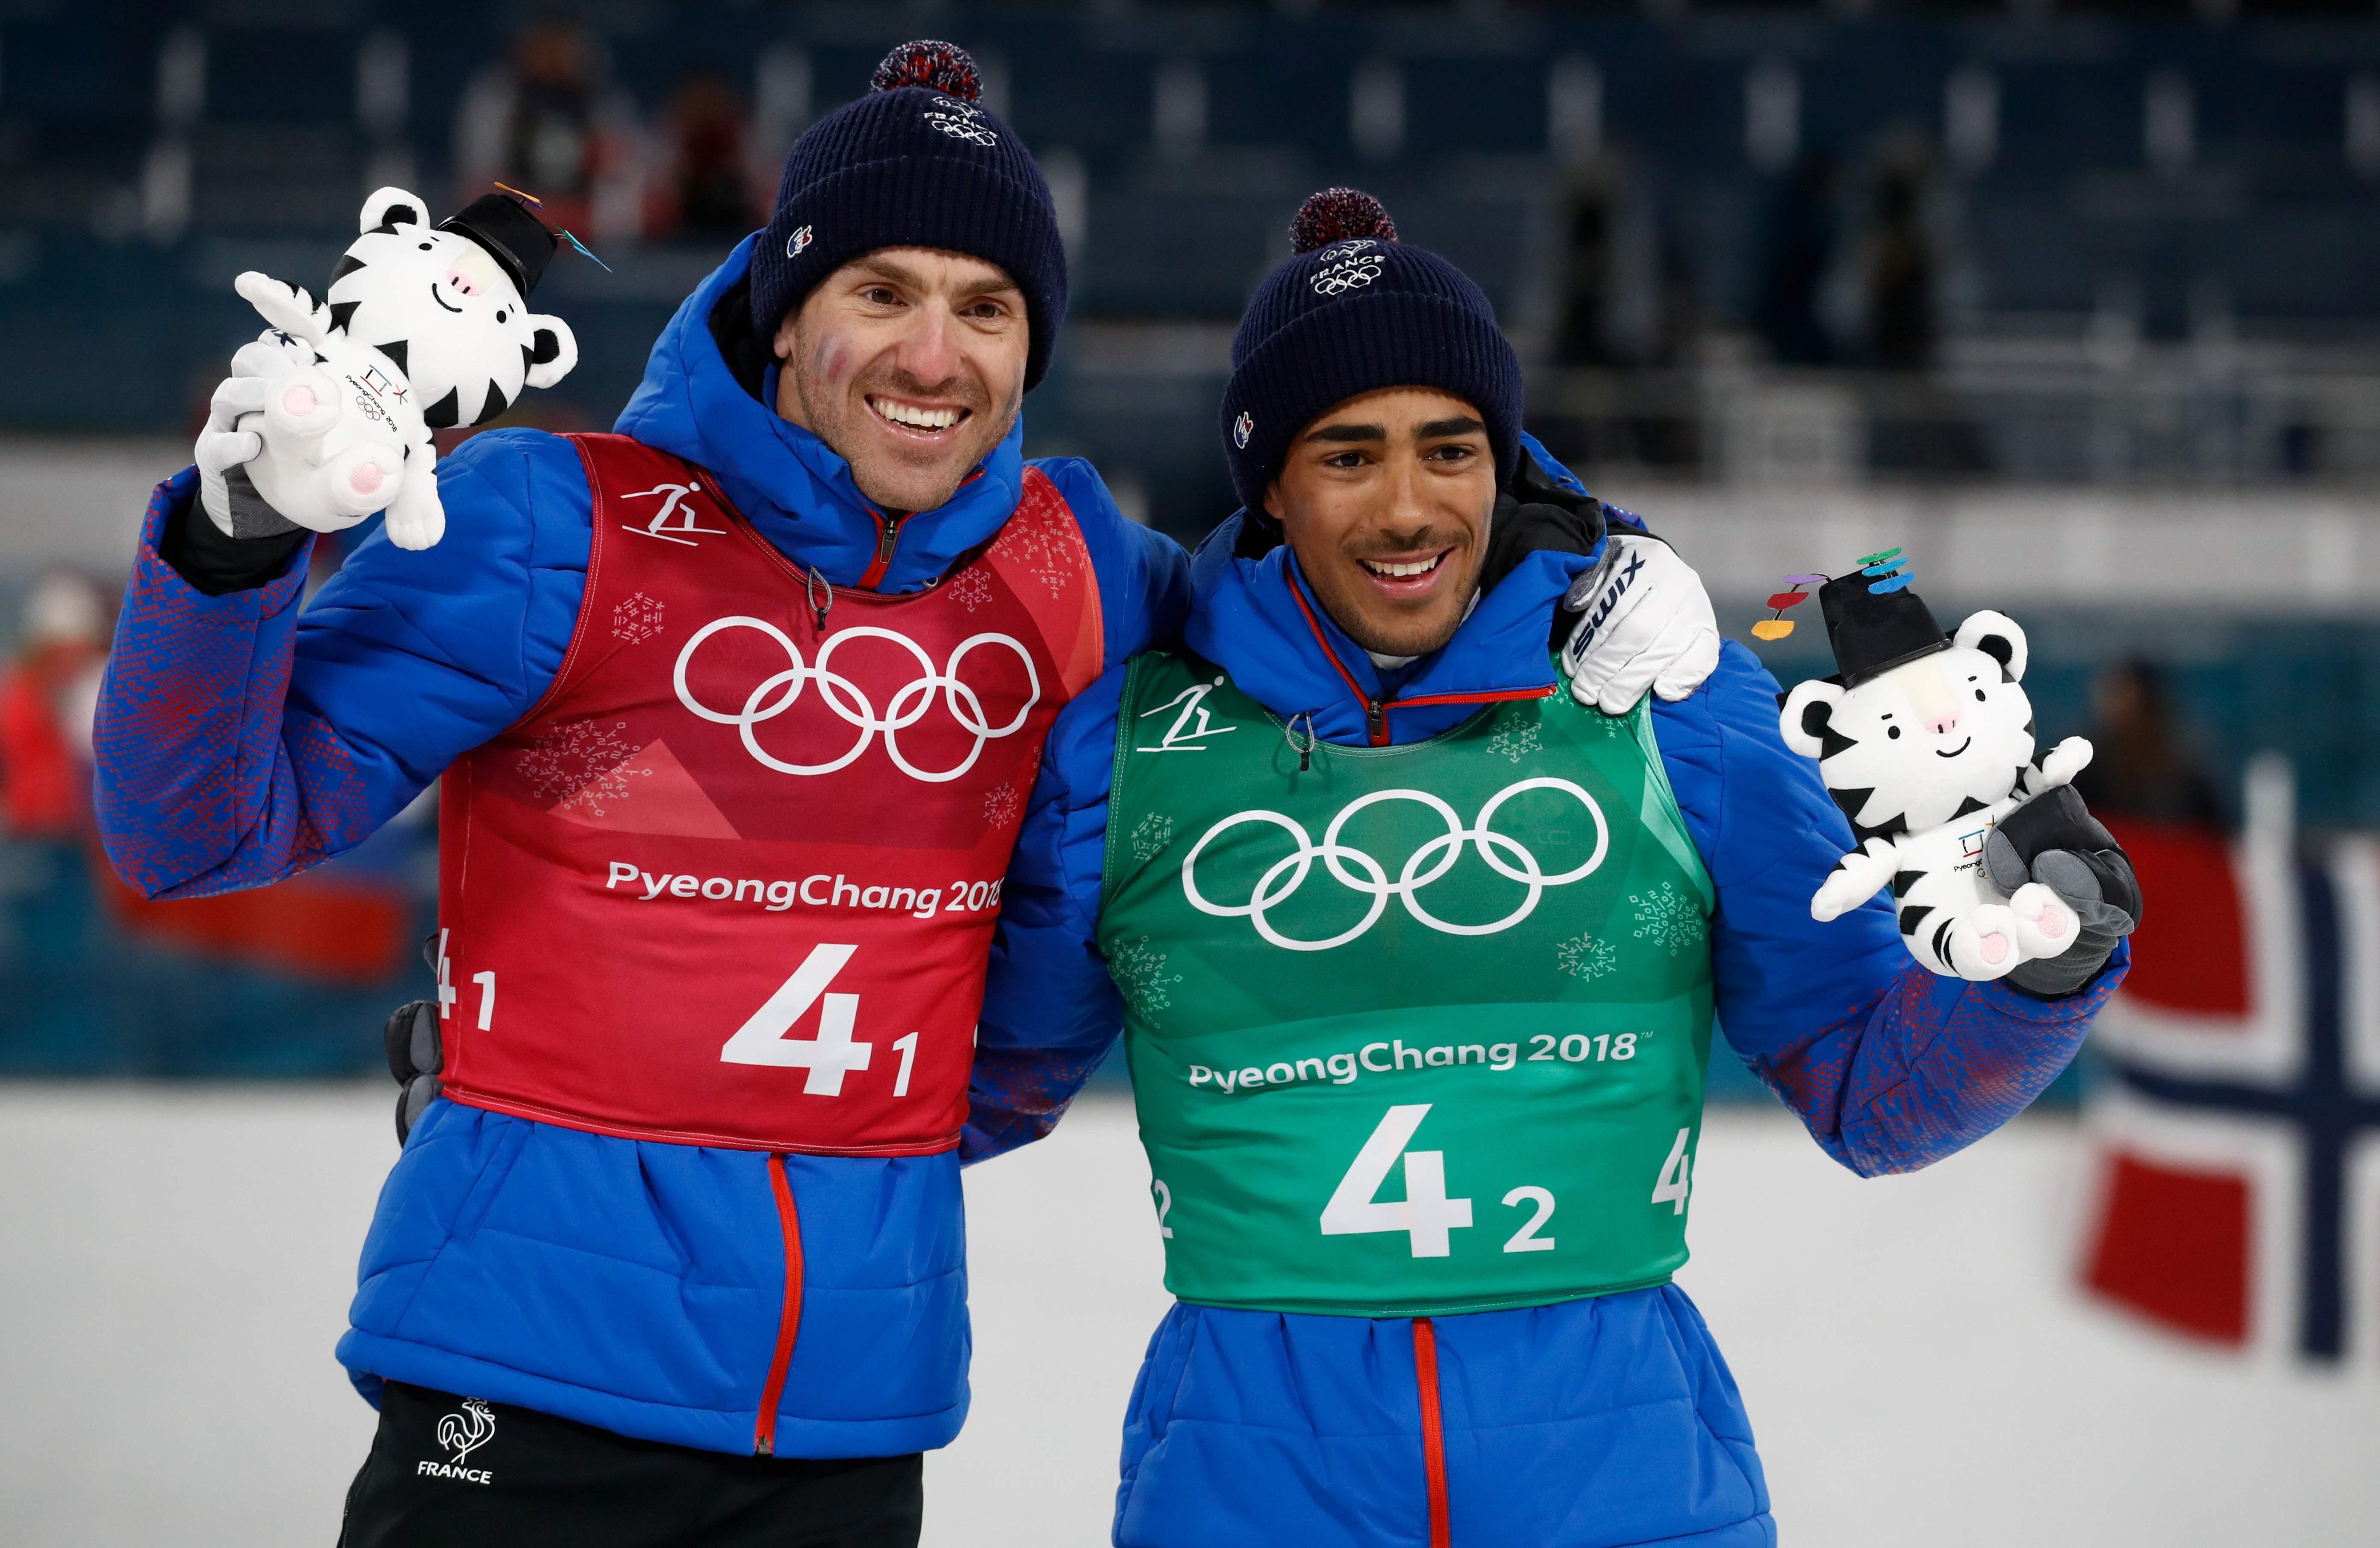 Jeux olympiques - Pyeongchang 2018 - JO 2018 : les fondeurs français prennent goût au bronze